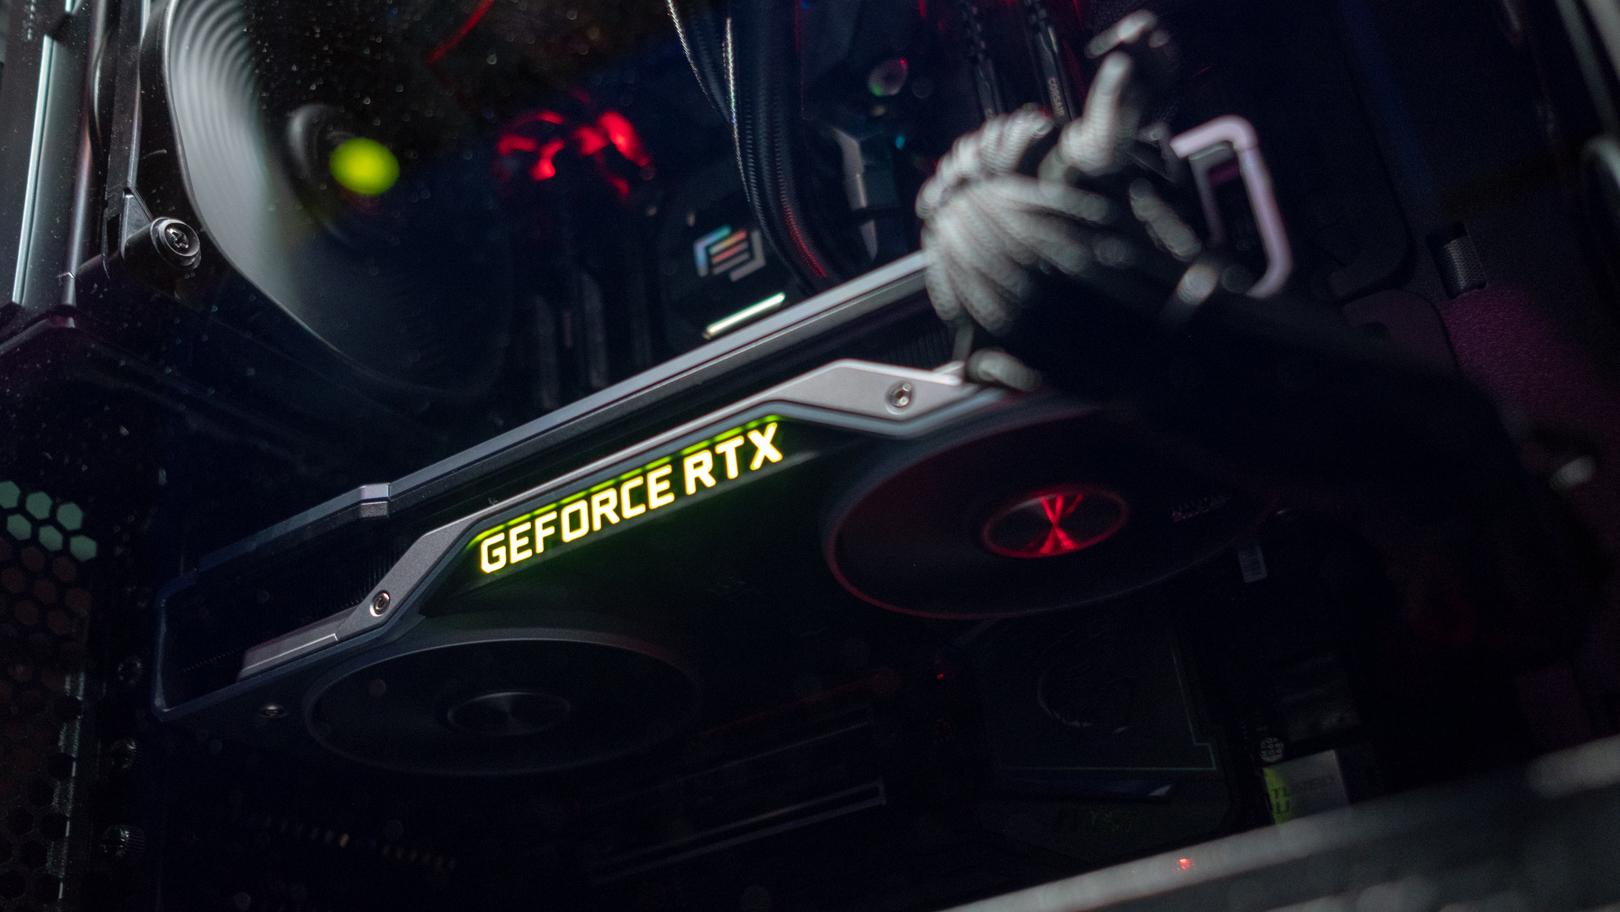 Nvidia in 2018